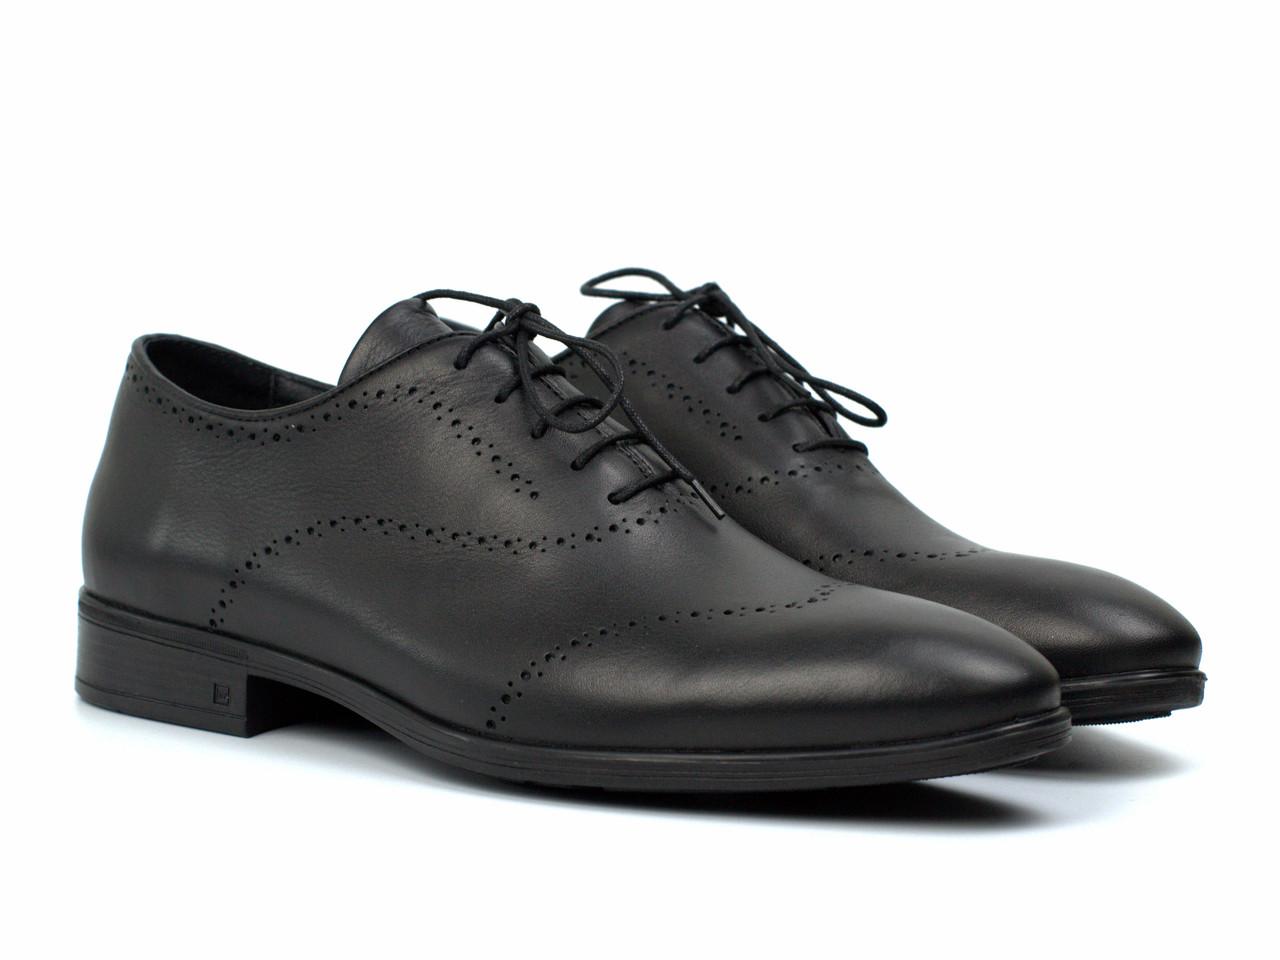 Оксфорды с брогированием черные кожаные мужские туфли обувь больших размеров Amedeo Black Leather BS by Rosso